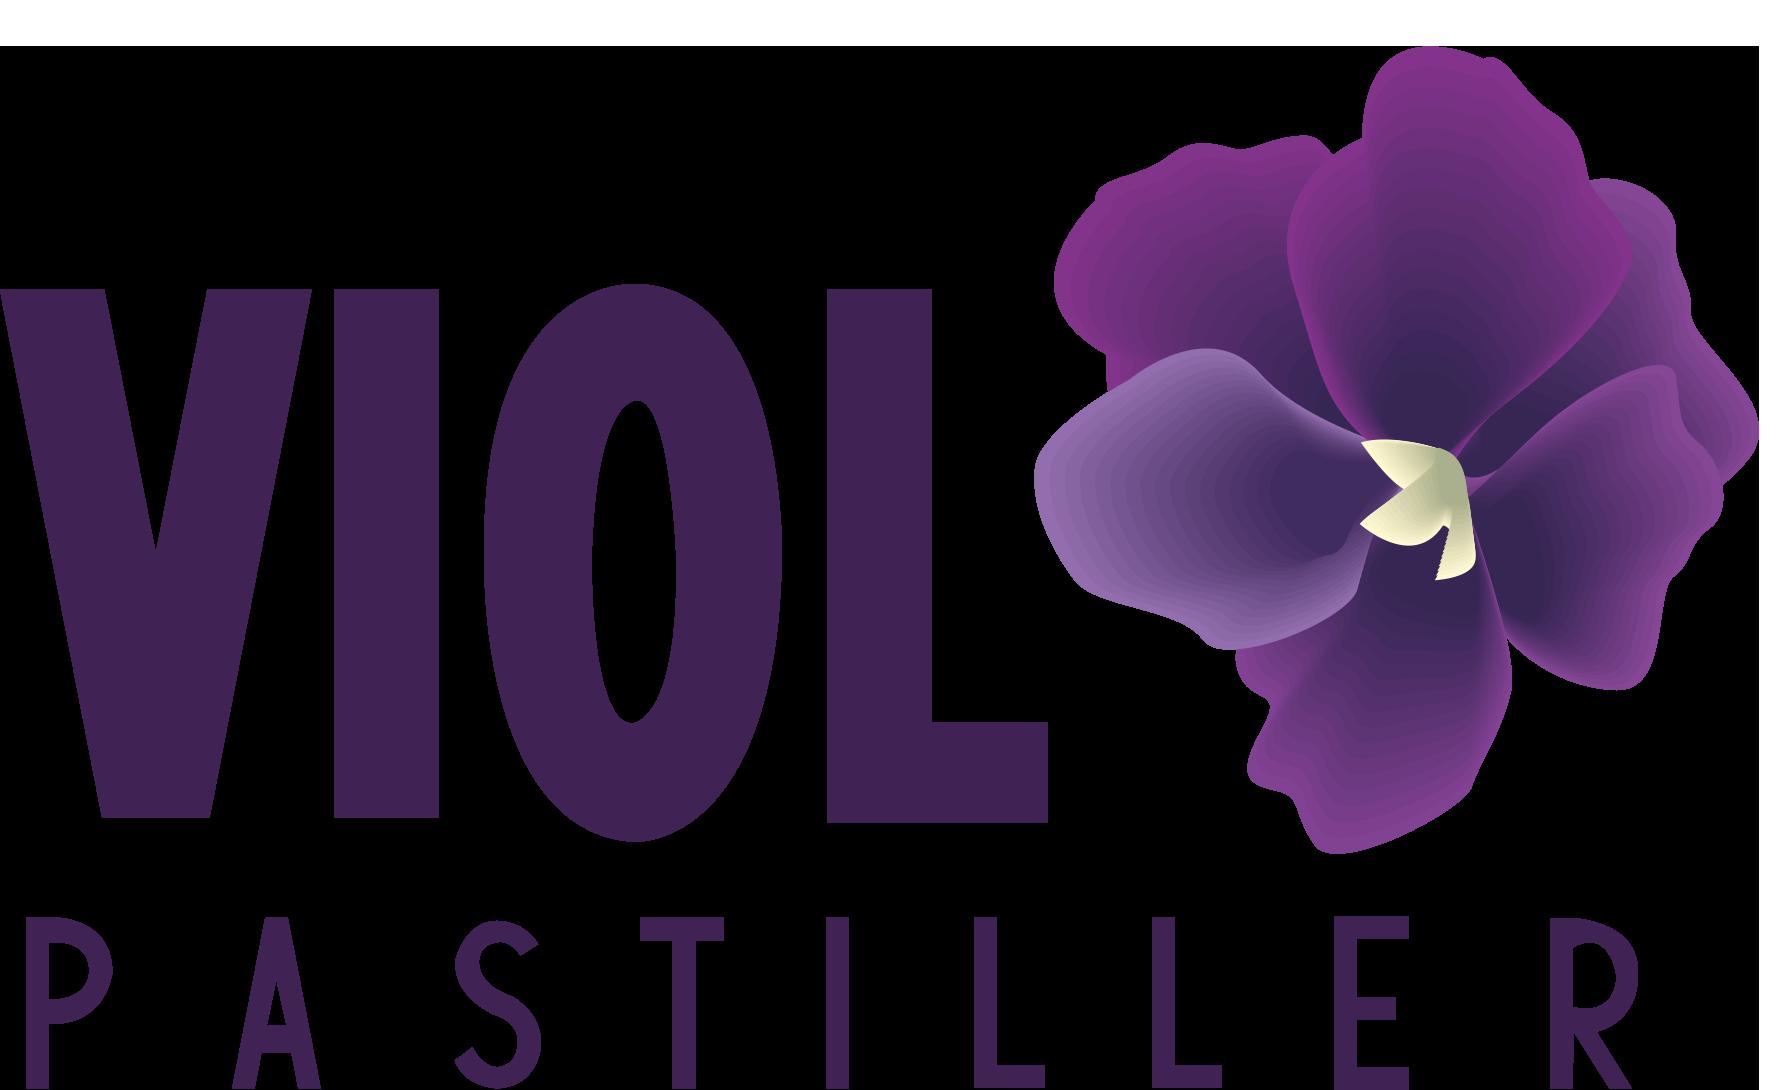 Viol Pastiller logga